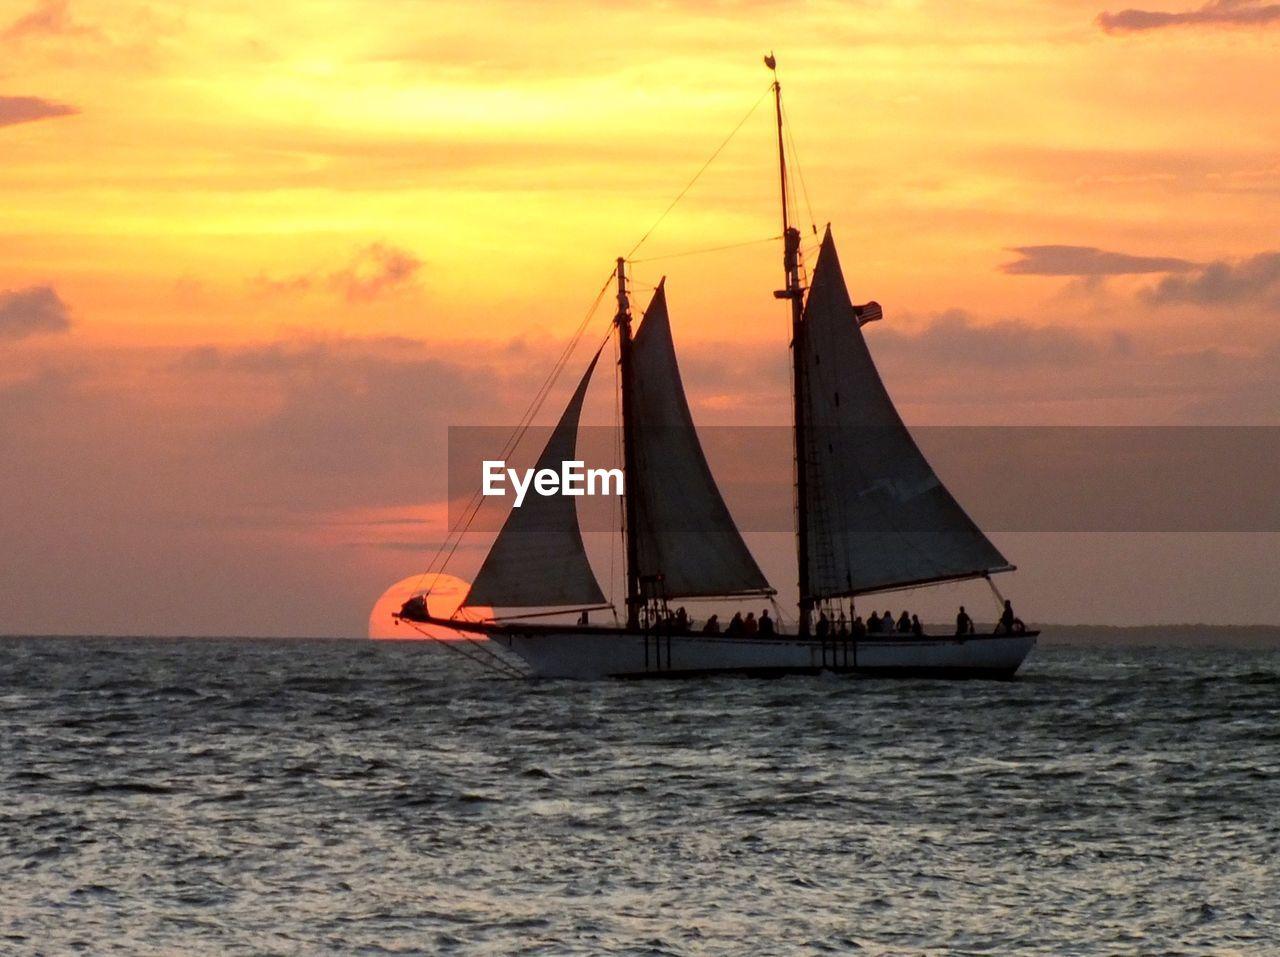 Silhouette sailboat sailing on sea against orange sky